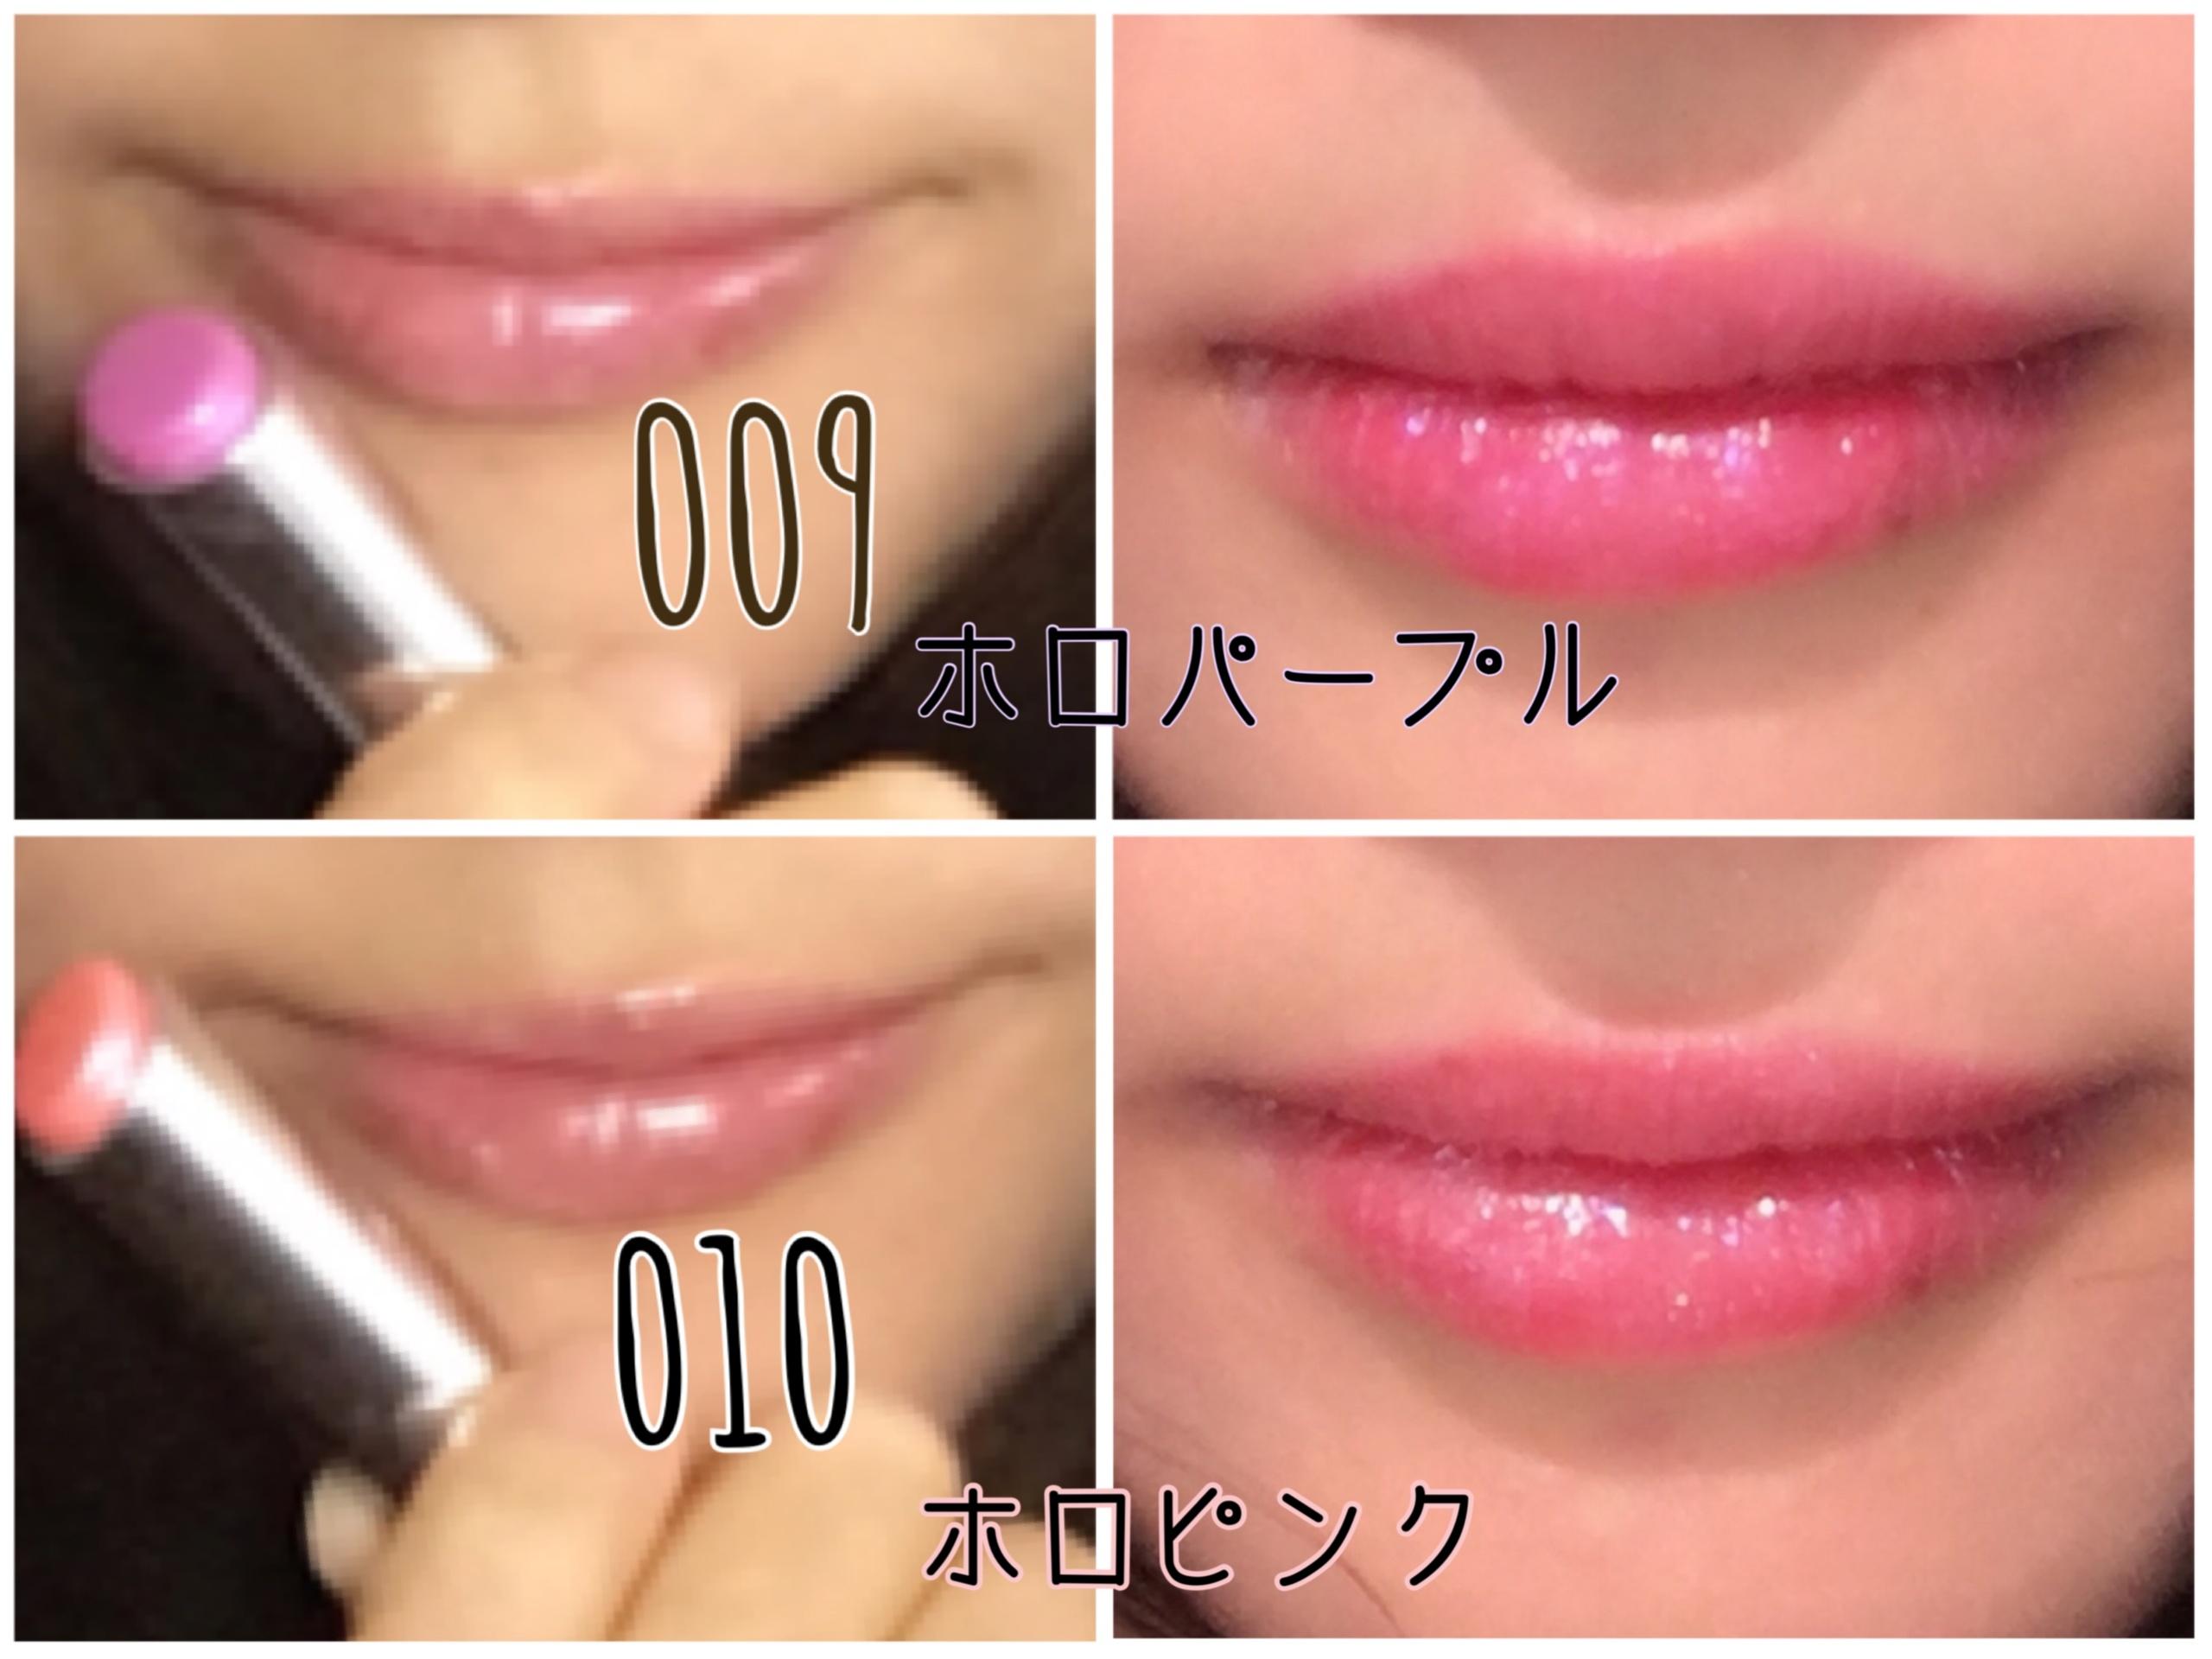 【Dior(ディオール)】ギラギララメリップ「グリッターグロウ」が気になります!_10